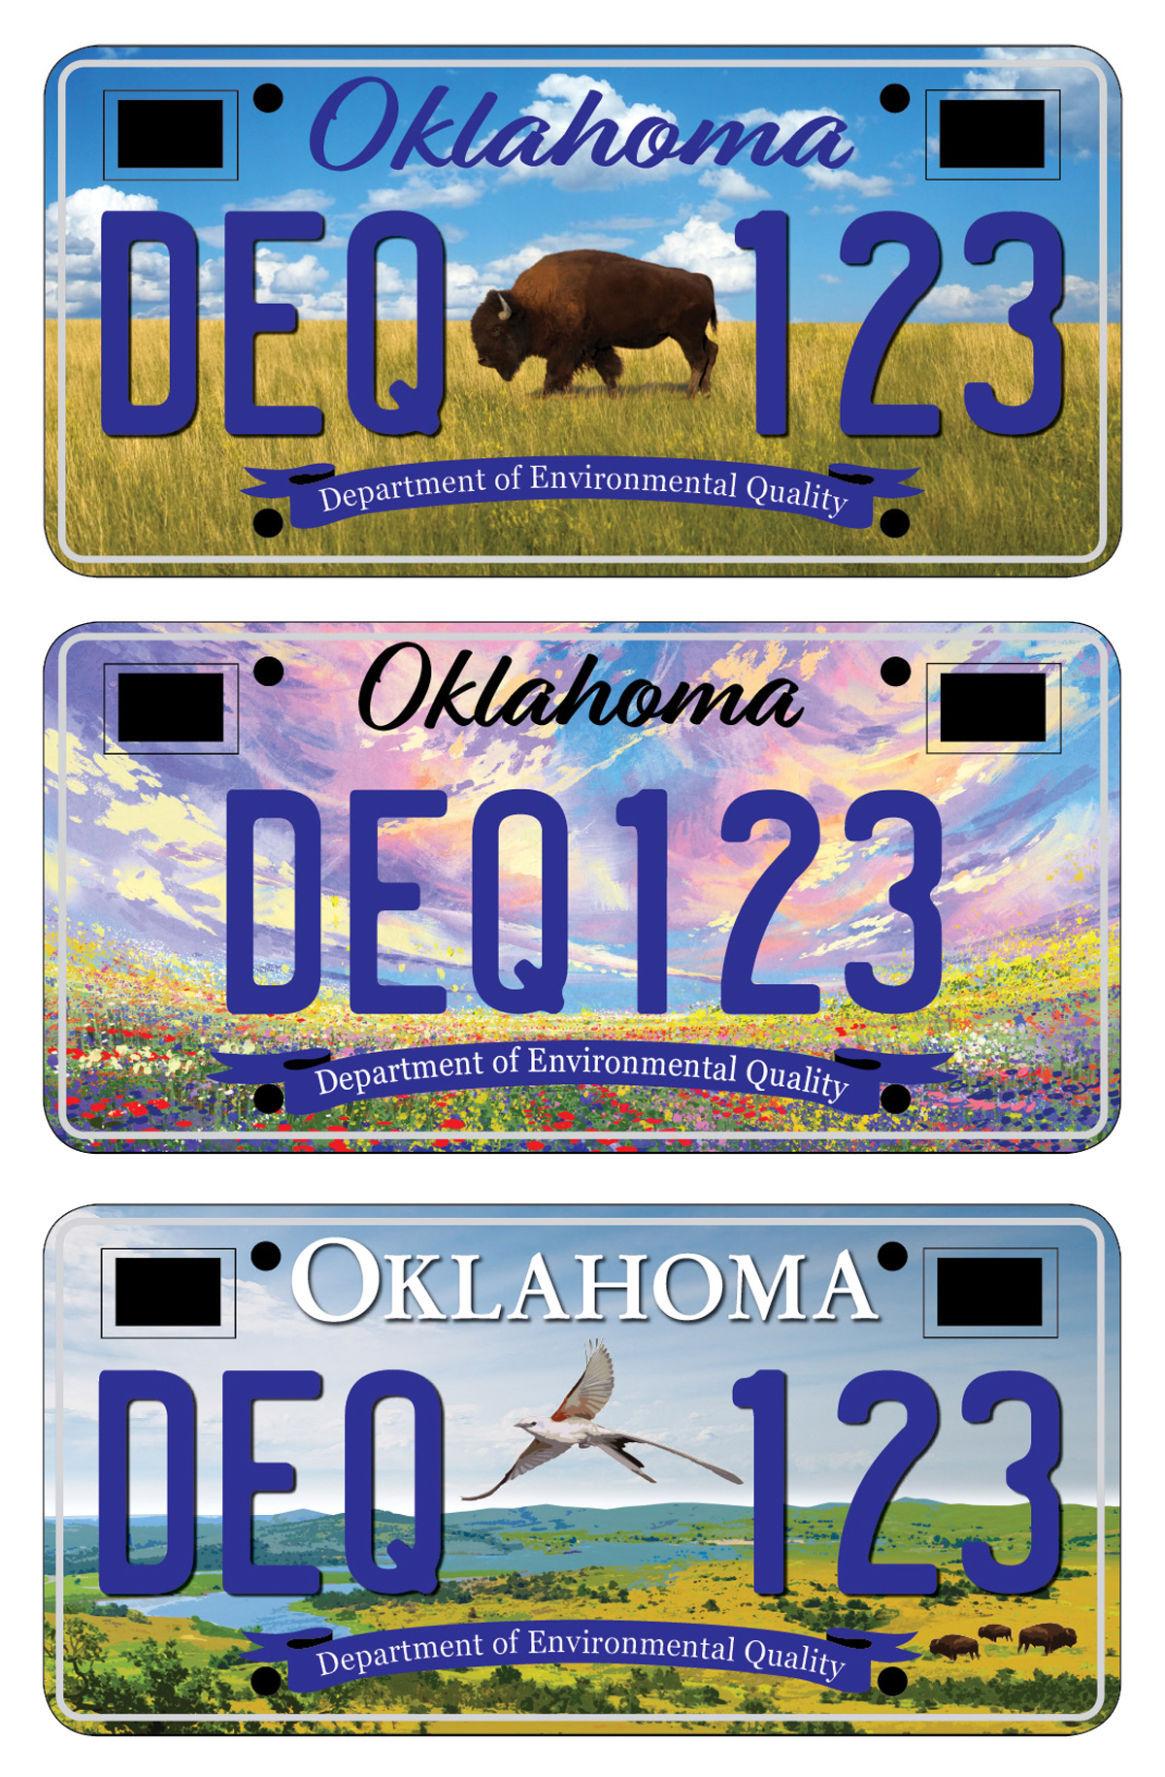 Indian Oklahoma Car Tags